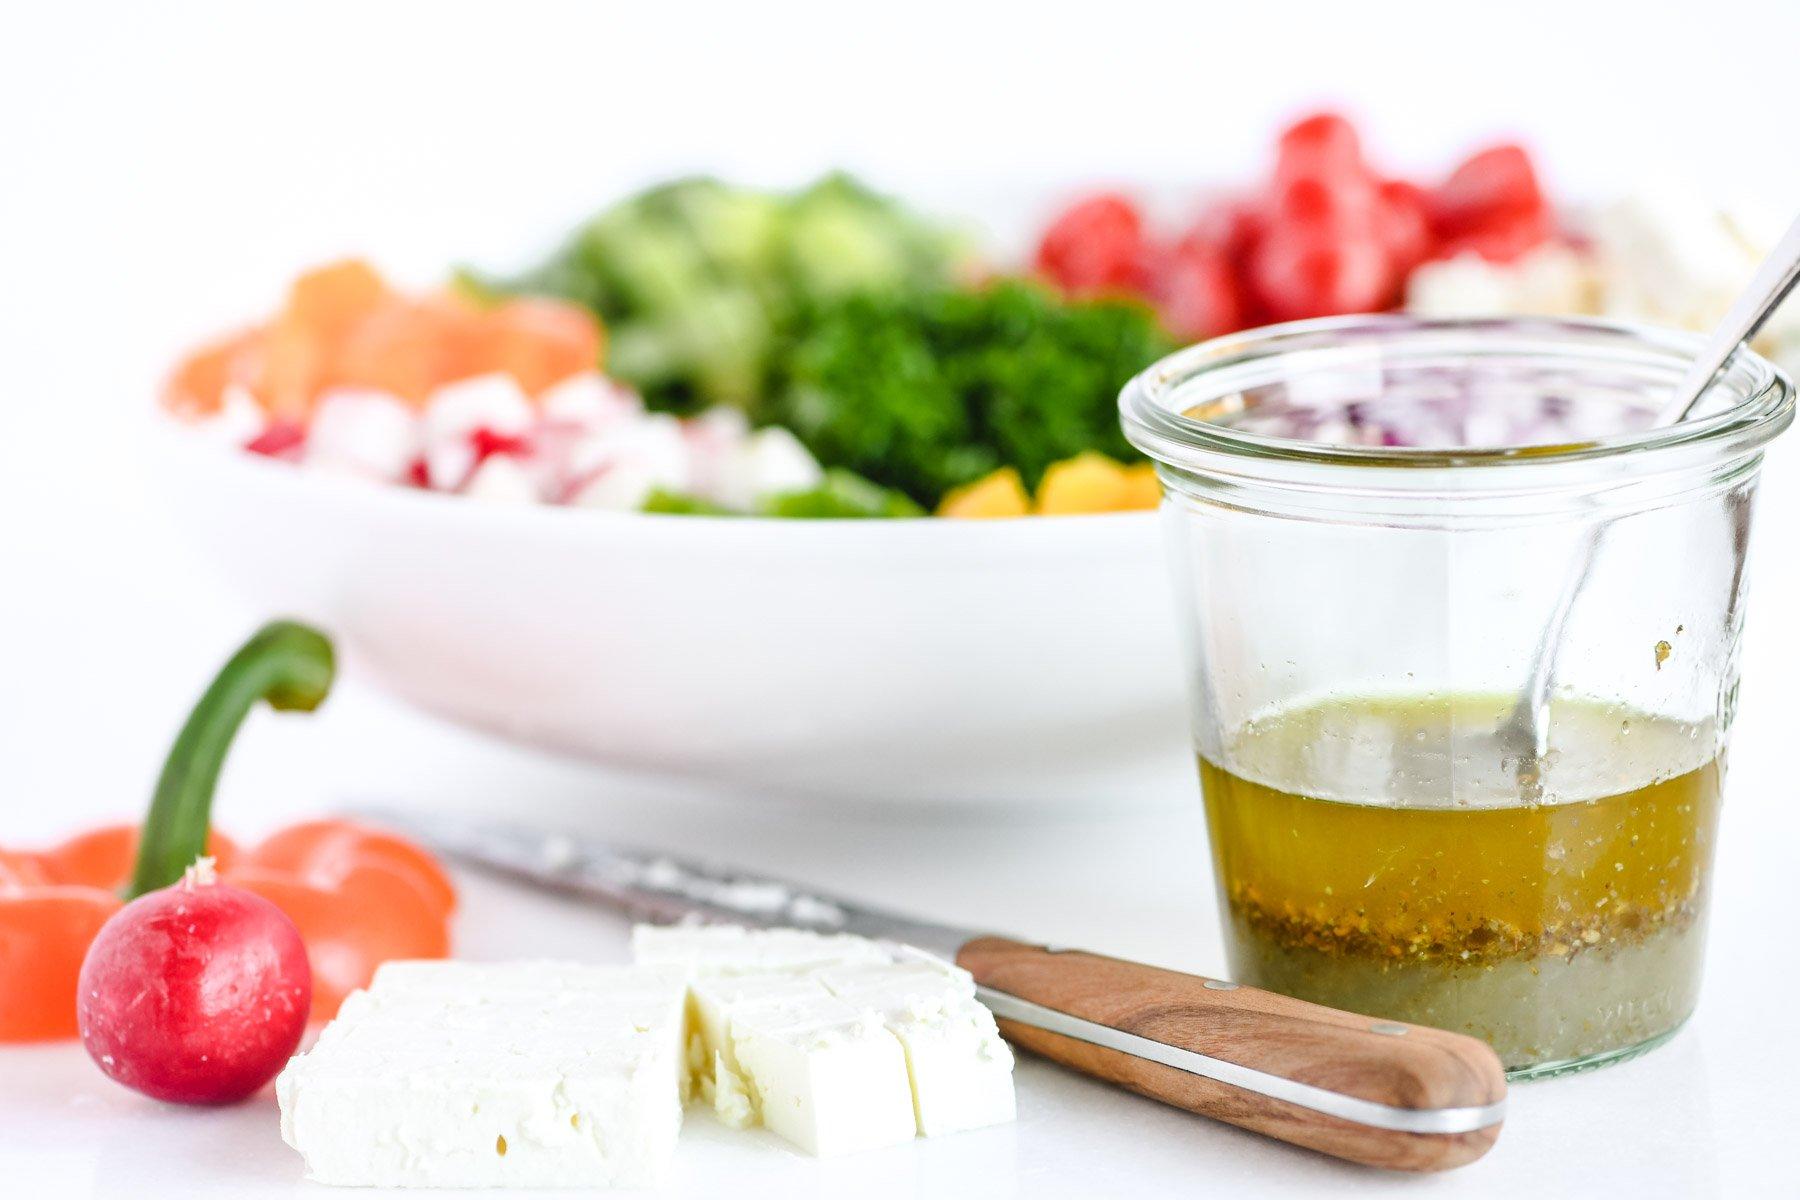 making an Israeli salad